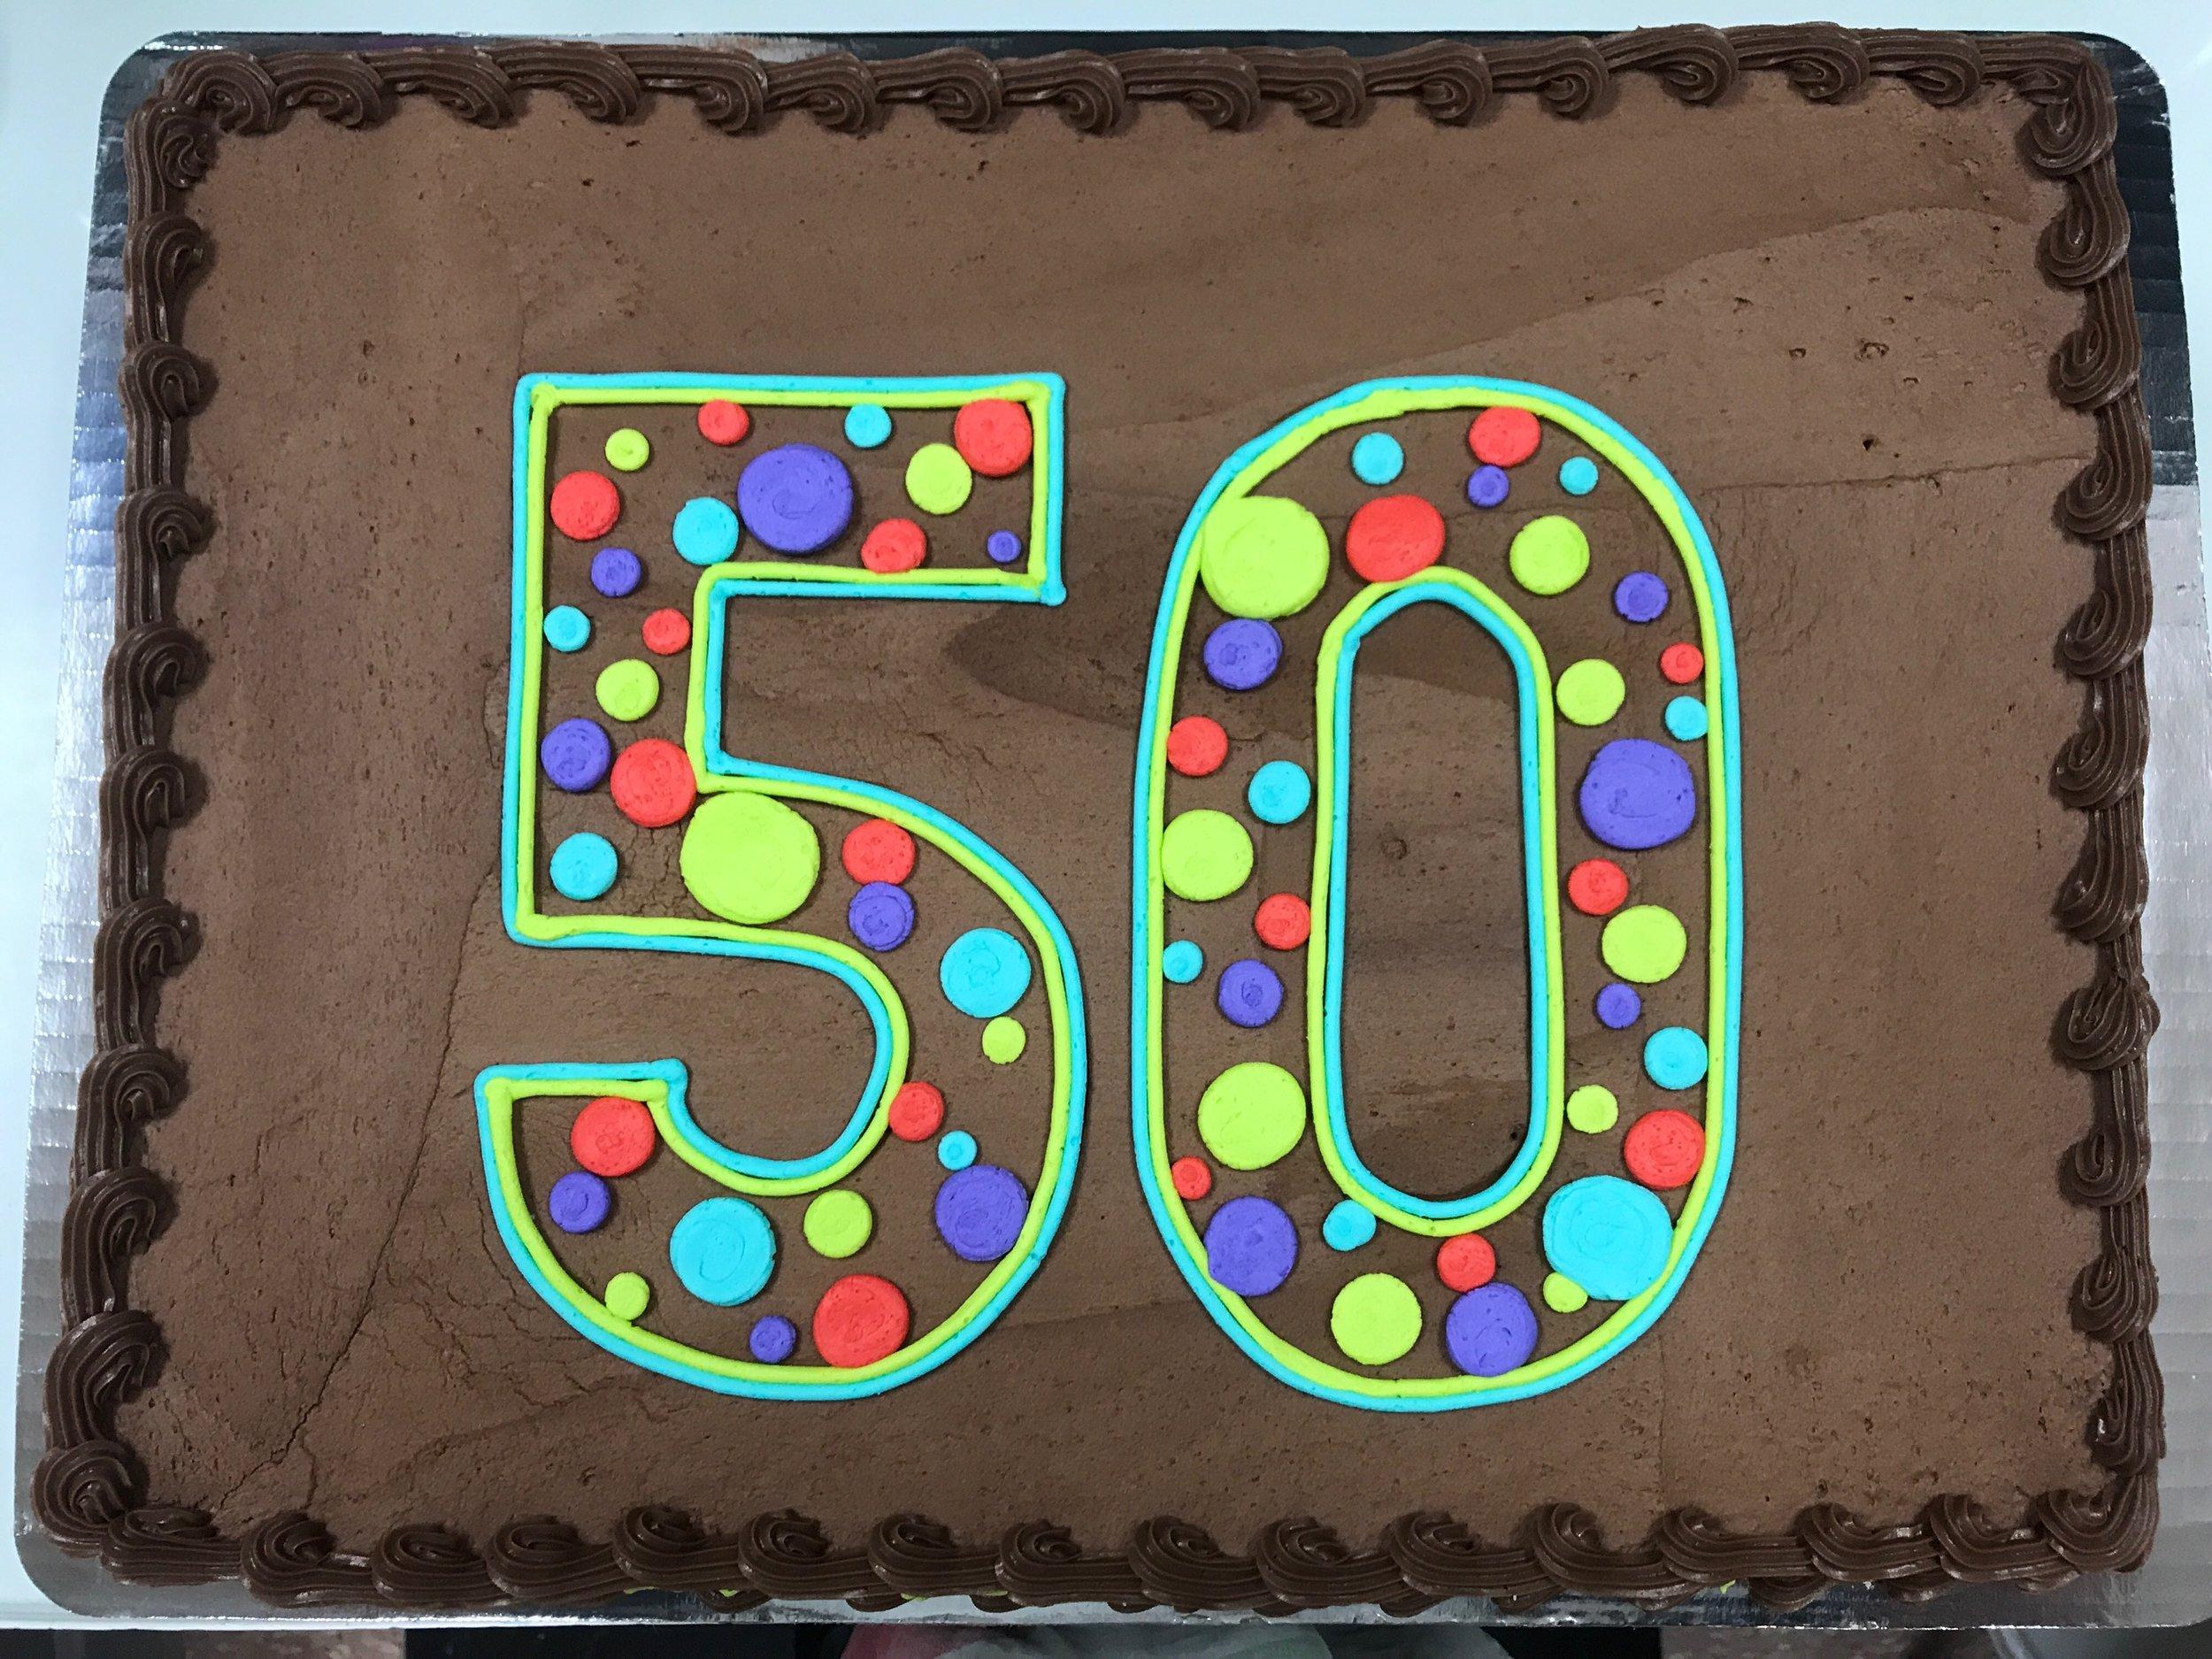 50 in polka dots